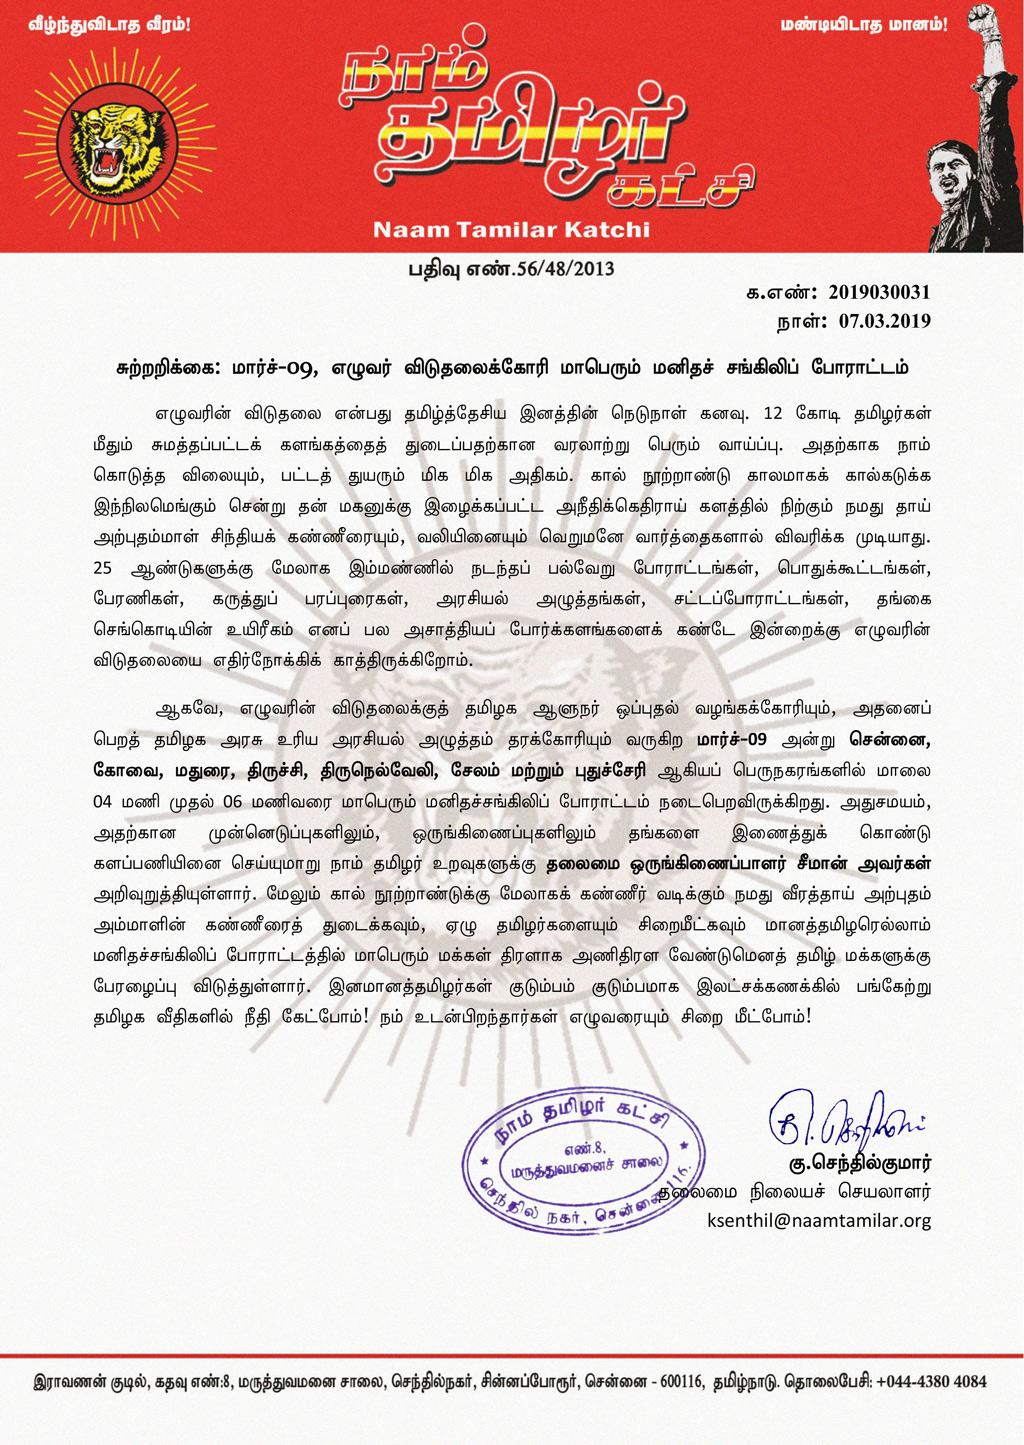 சுற்றறிக்கை: மார்ச்-09, எழுவர் விடுதலைக்கோரி மாபெரும் மனிதச் சங்கிலிப் போராட்டம் march 9 release seven tamil innocents human rally arputhammal naam tamilar katchi seeman